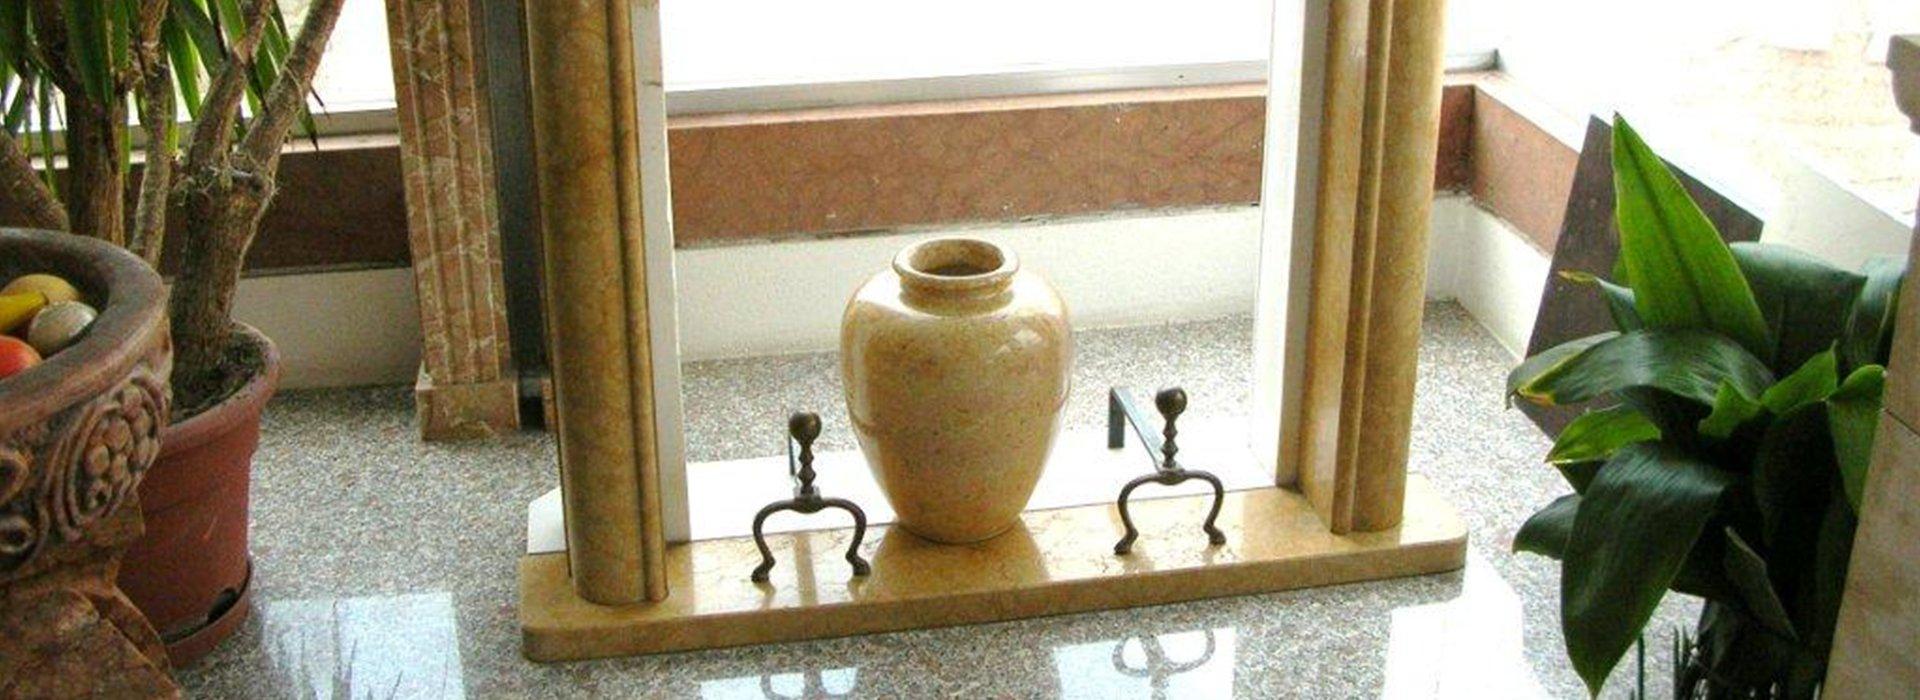 Complementi d arredo in marmo statue acquasantiere for Vendita complementi d arredo